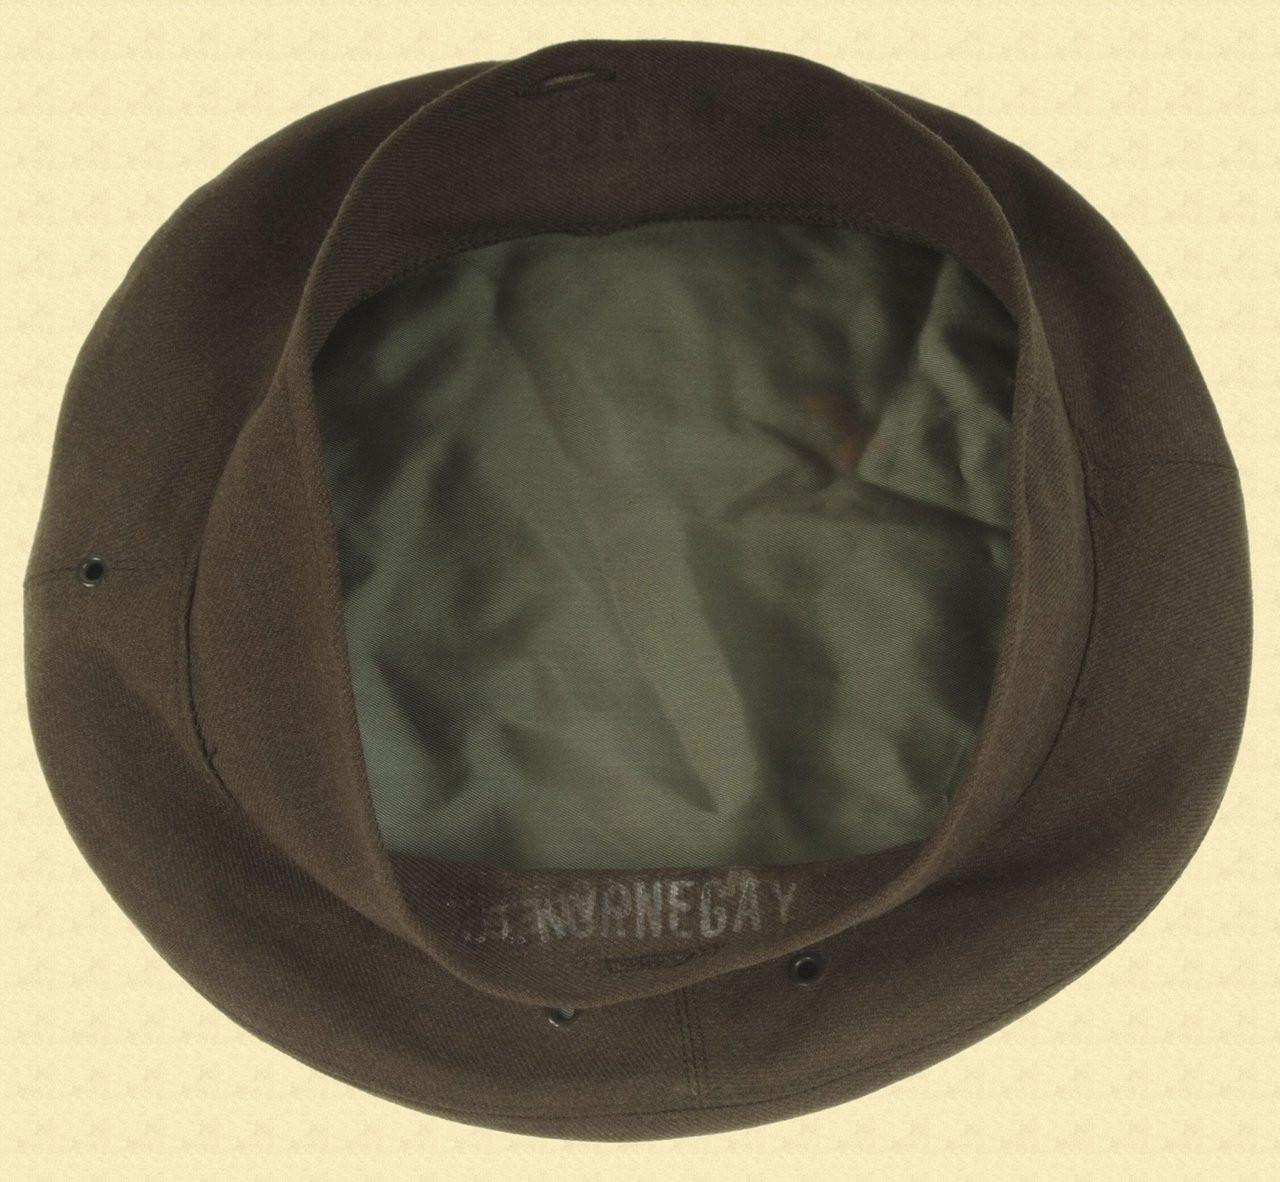 USMC SERVICE CAP - C11886